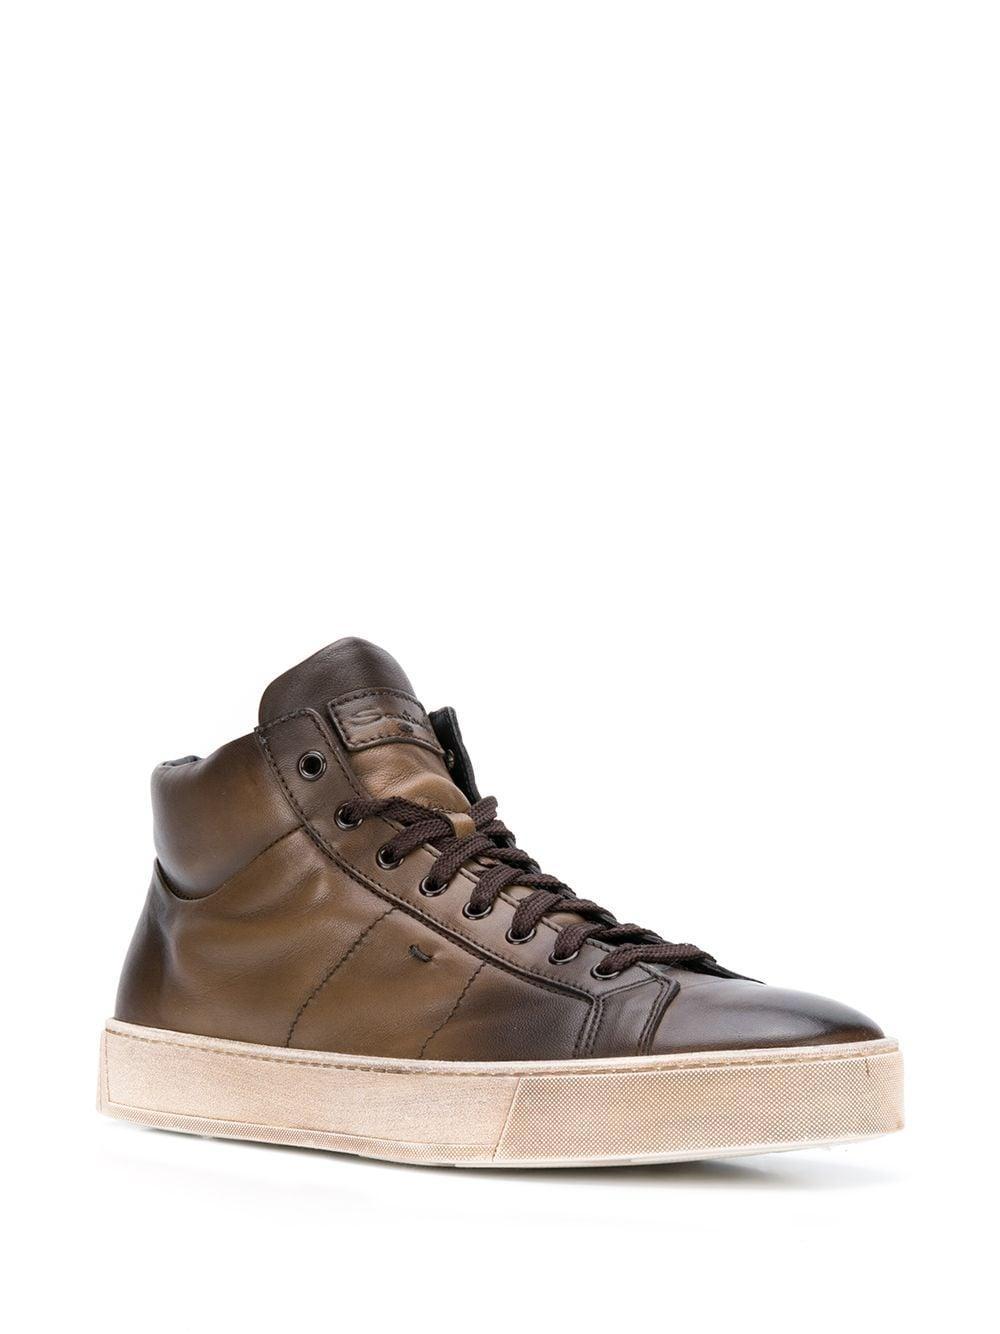 Zapatillas altas con efecto desgastado Santoni de hombre de color Marrón